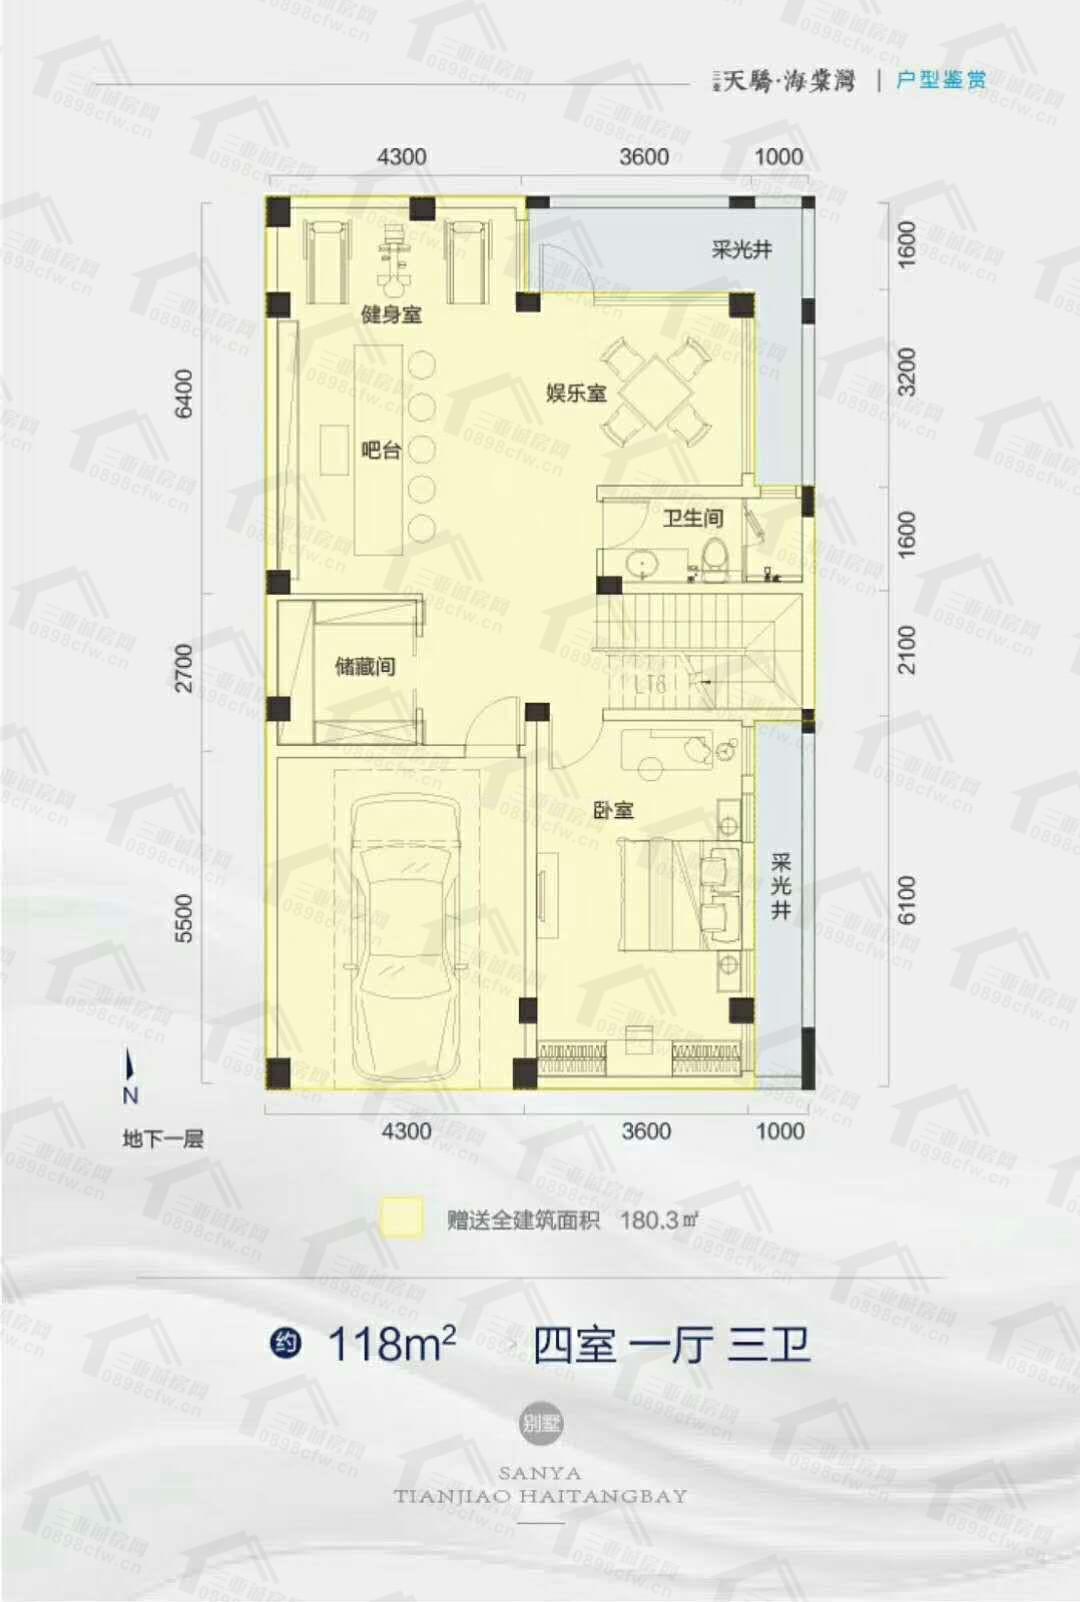 天骄海棠湾双拼别墅 4房1厅3卫 建筑面积:118㎡